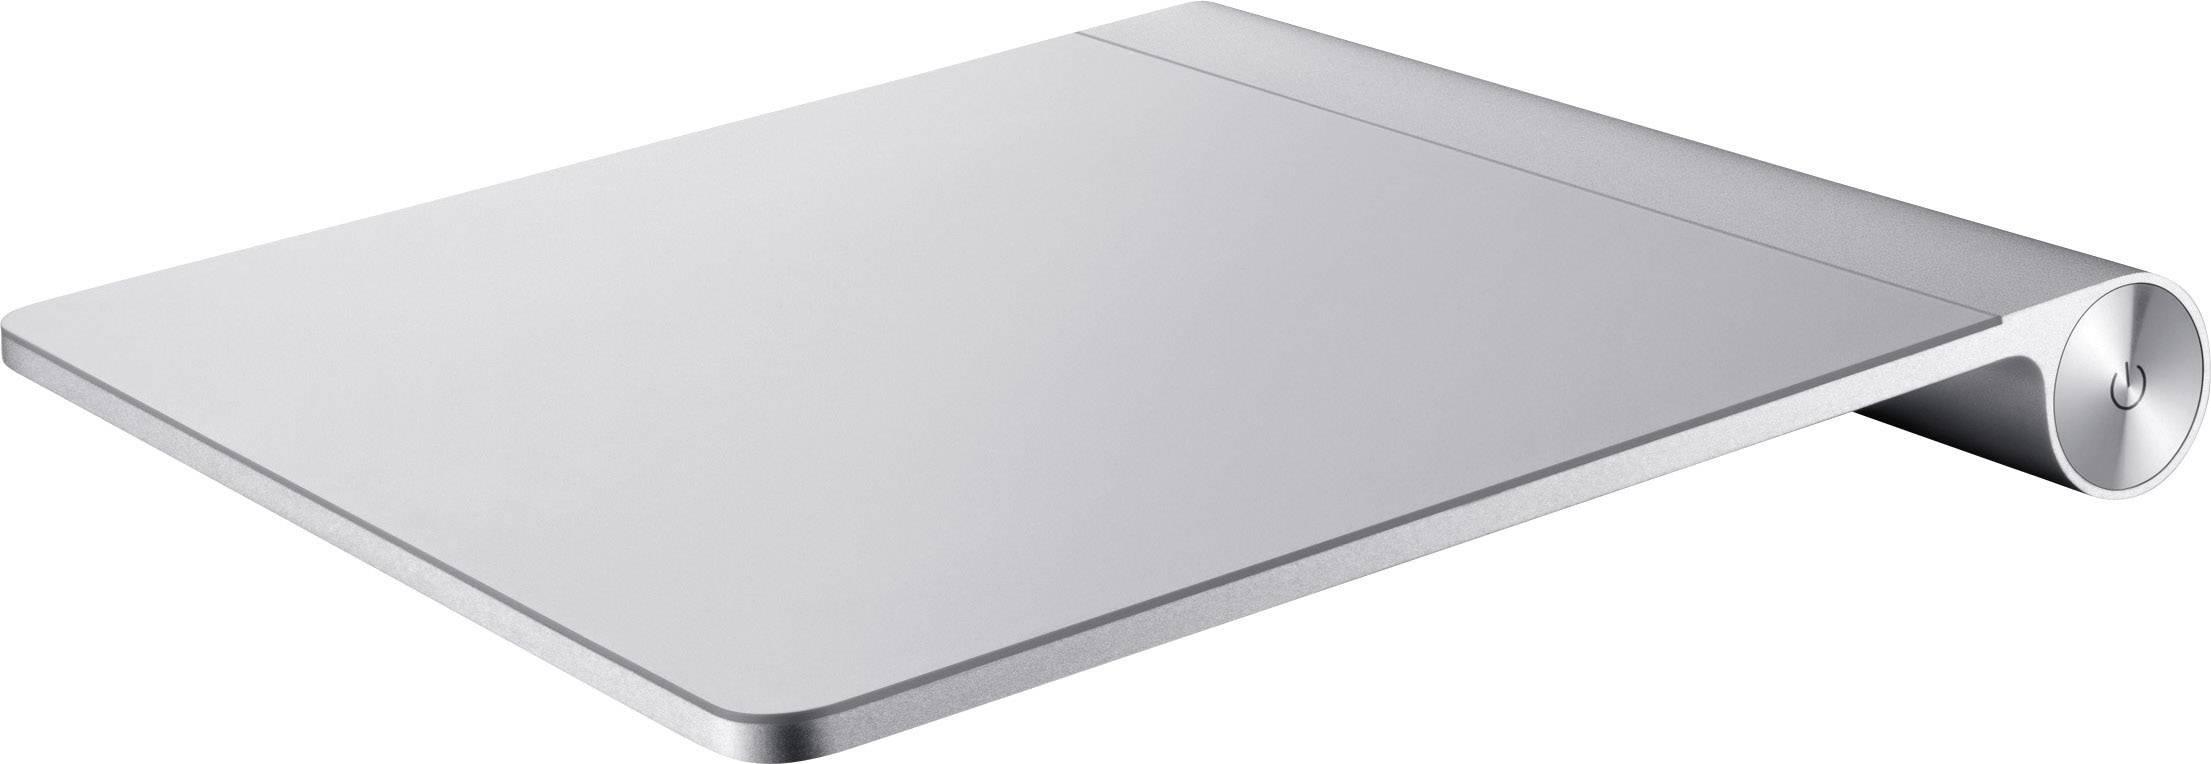 Příslušenství pro Apple MacBook a iMac